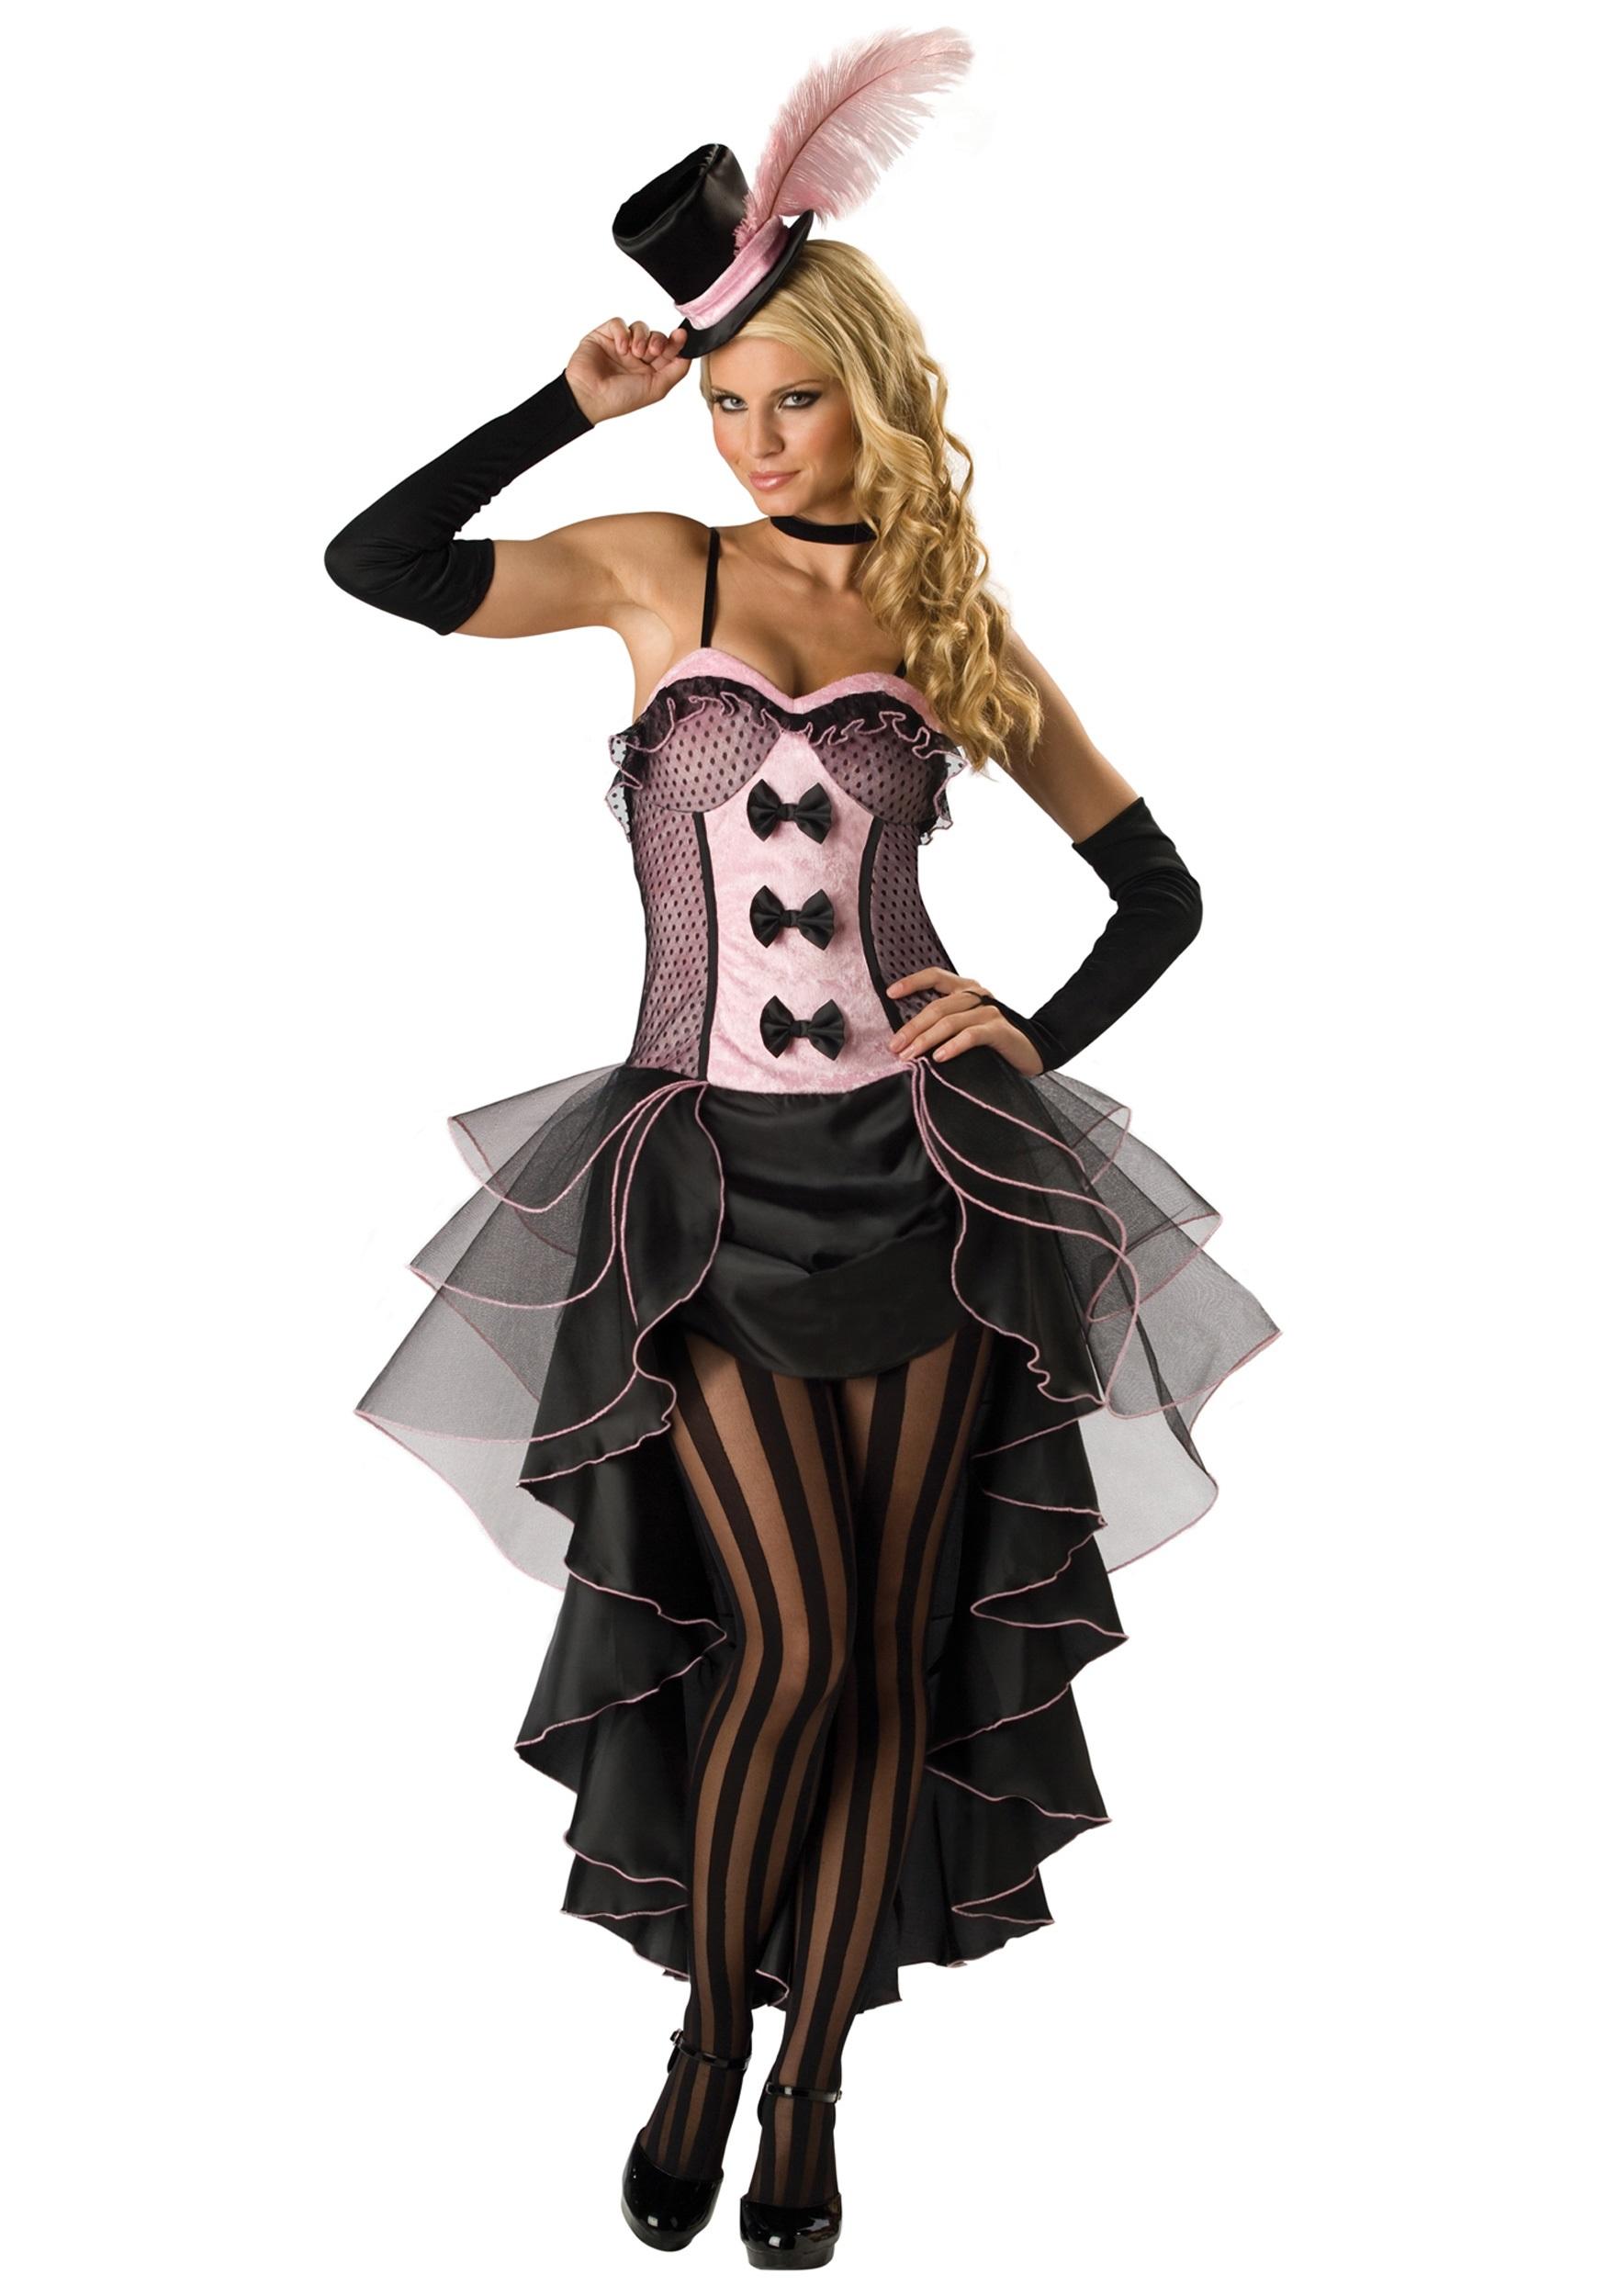 burlesque dancer costume. Black Bedroom Furniture Sets. Home Design Ideas